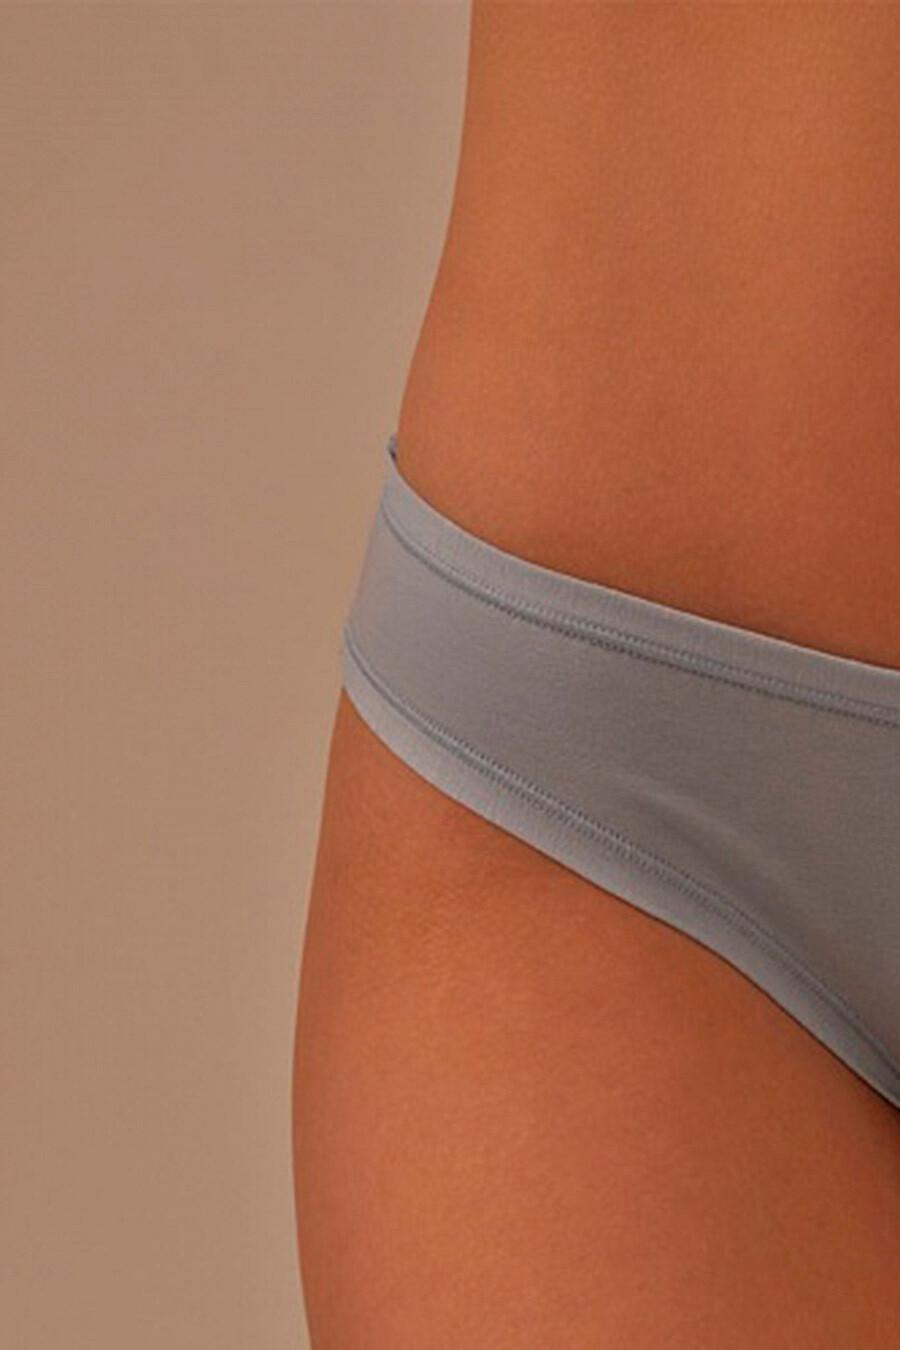 RP трусы DB004 BRASILIANO DONNA (3 шт.) (4/32) для женщин ROSSOPORPORA 334741 купить оптом от производителя. Совместная покупка женской одежды в OptMoyo